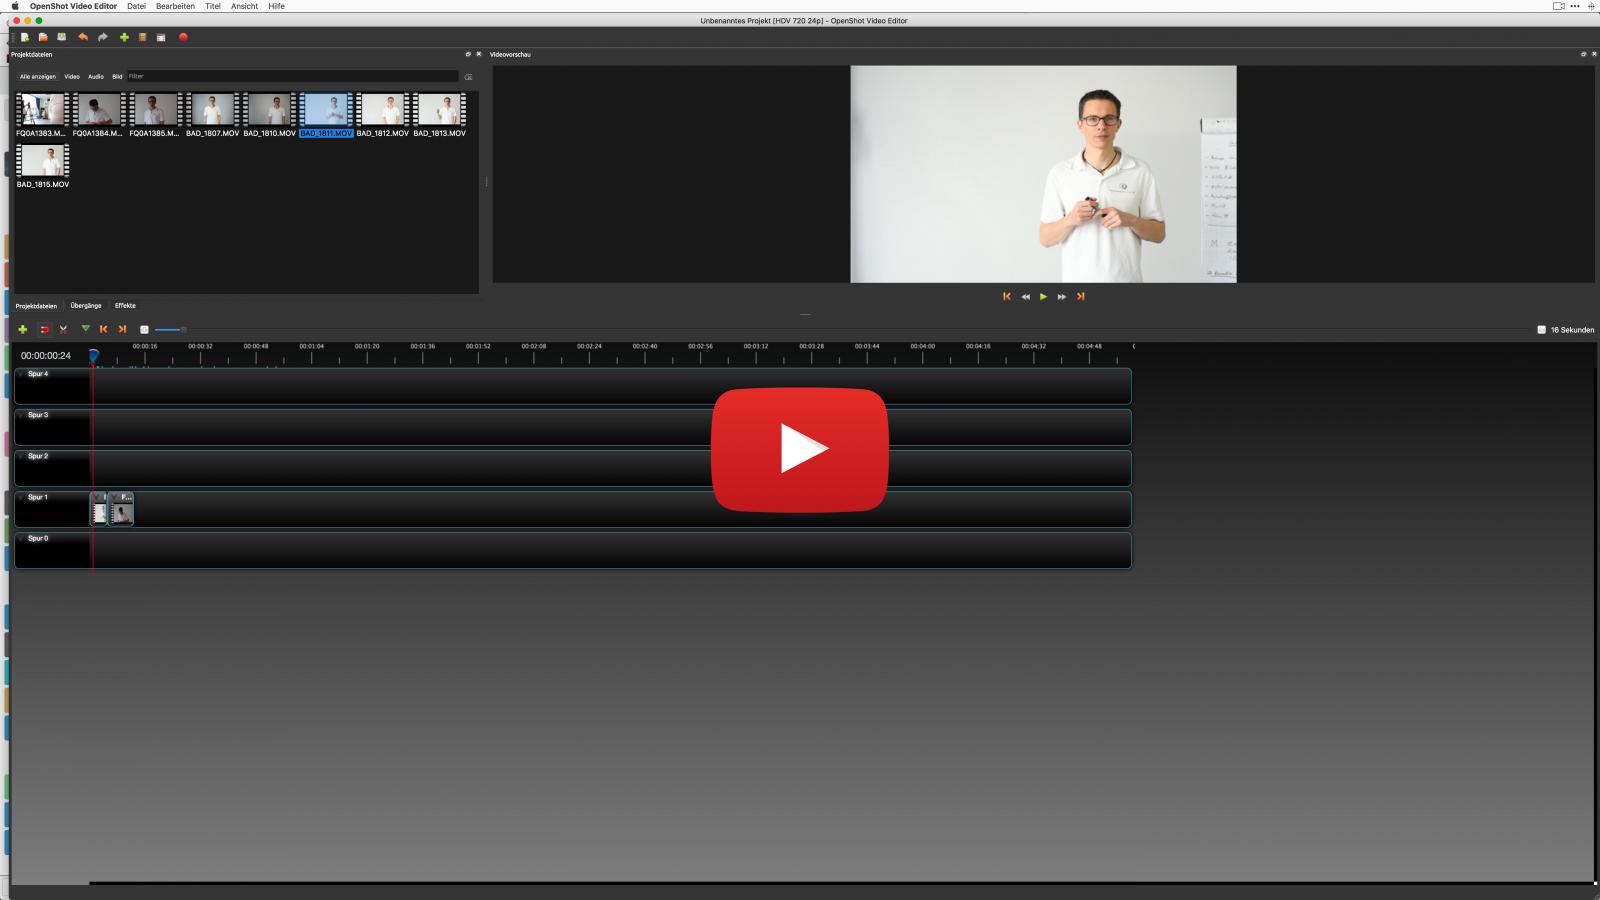 openshot software fuer videoschnitt